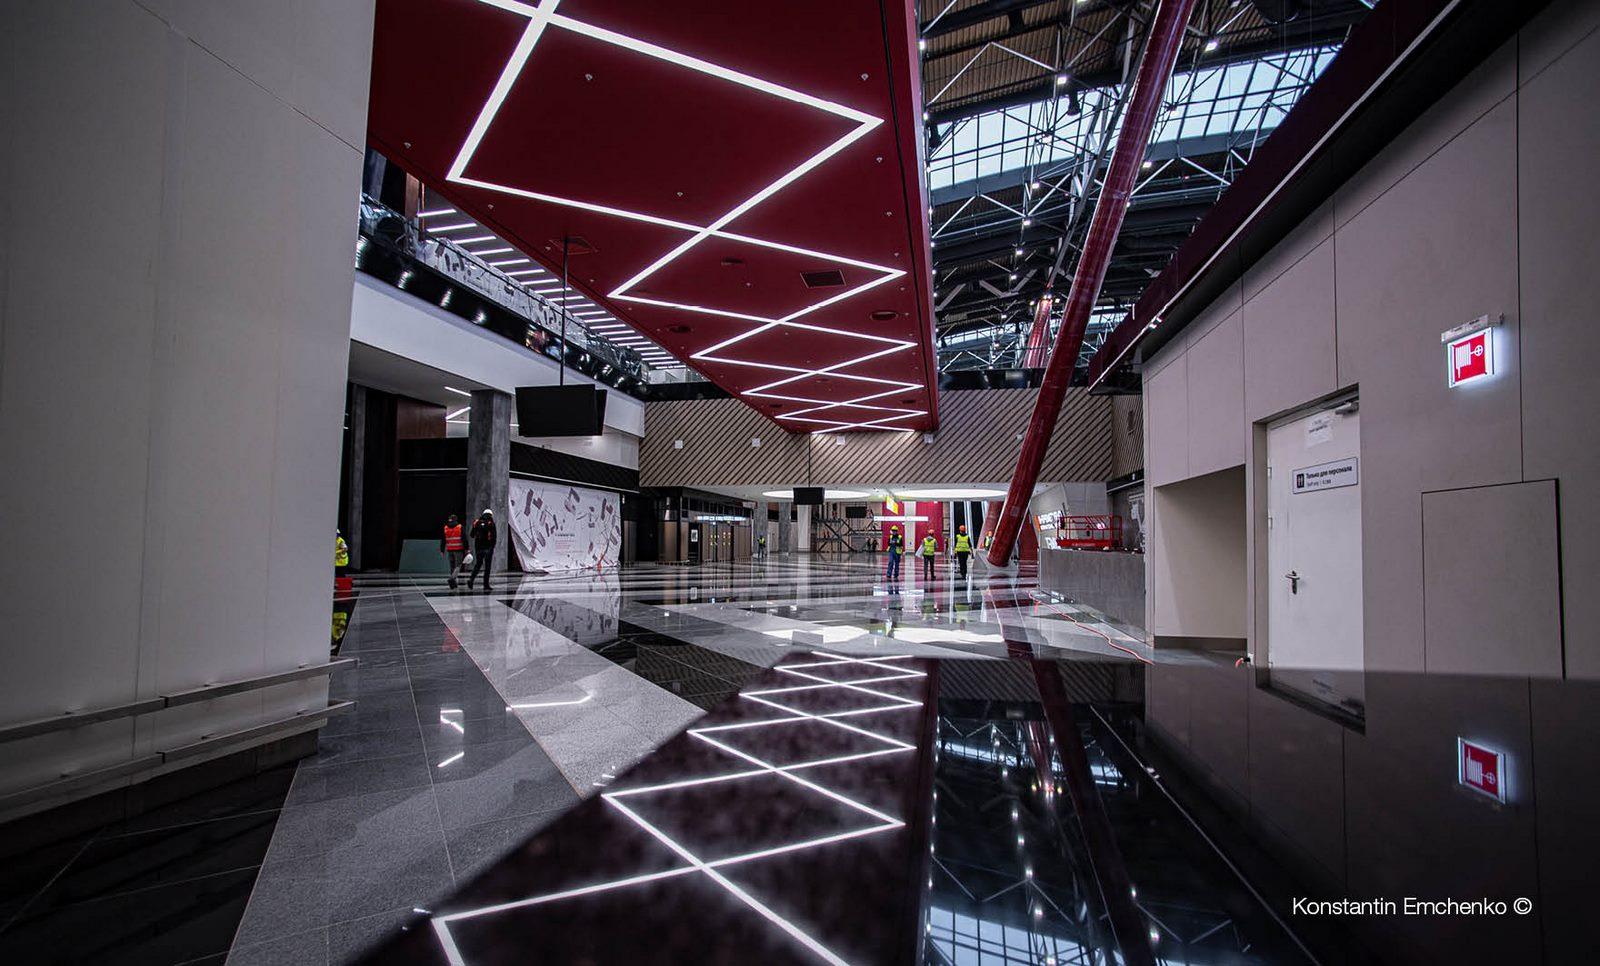 La historia y cultura rusa reflejada en el Aeropuerto de Moscú 11